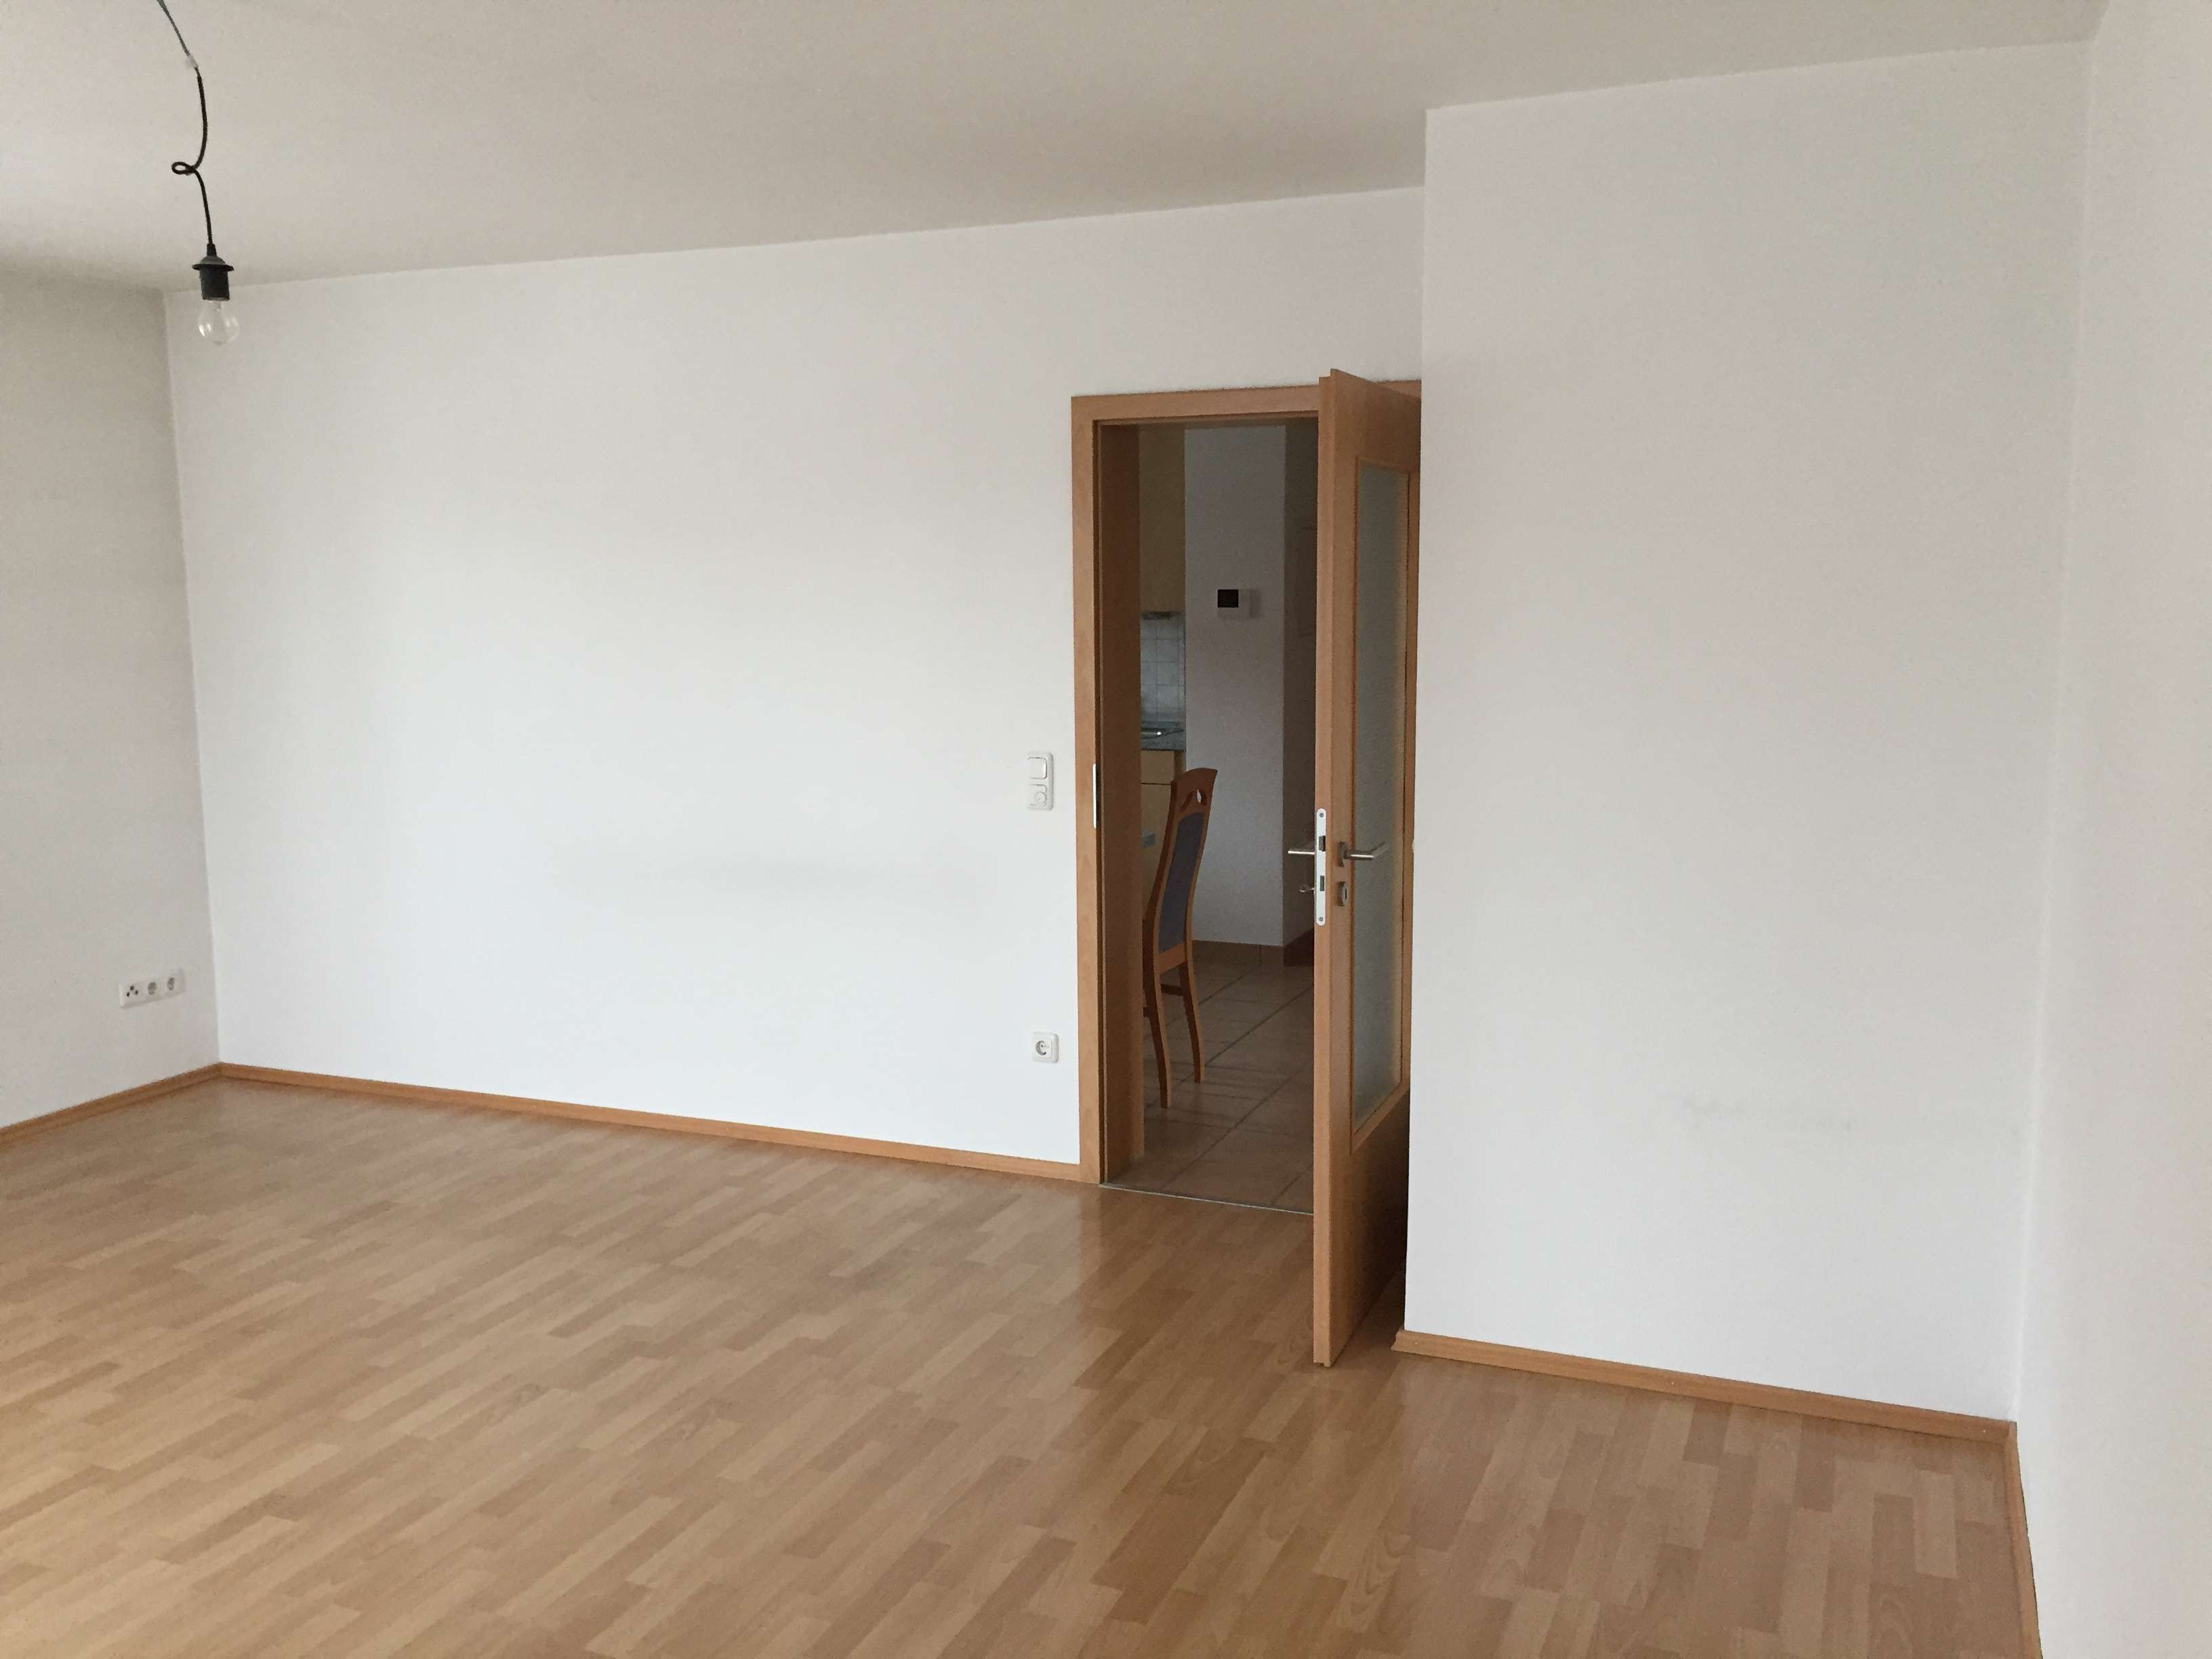 Exklusive 2-Zimmer-Wohnung mit Einbauküche und Balkon in Markt Schwaben in Markt Schwaben